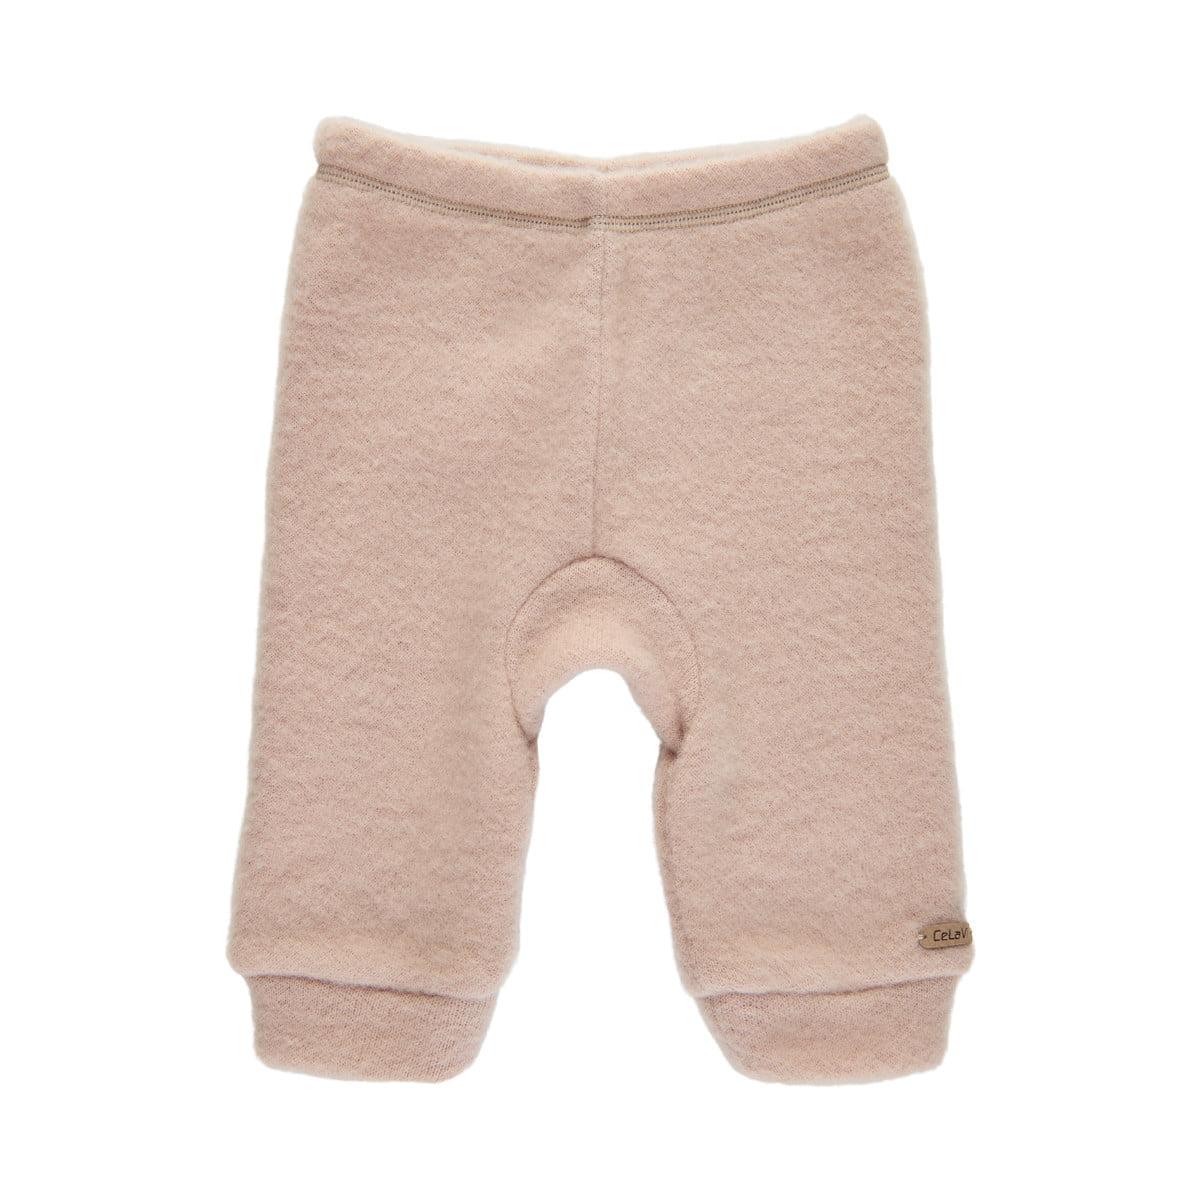 Pantaloni din lână merinos fleece light taupe Celavi